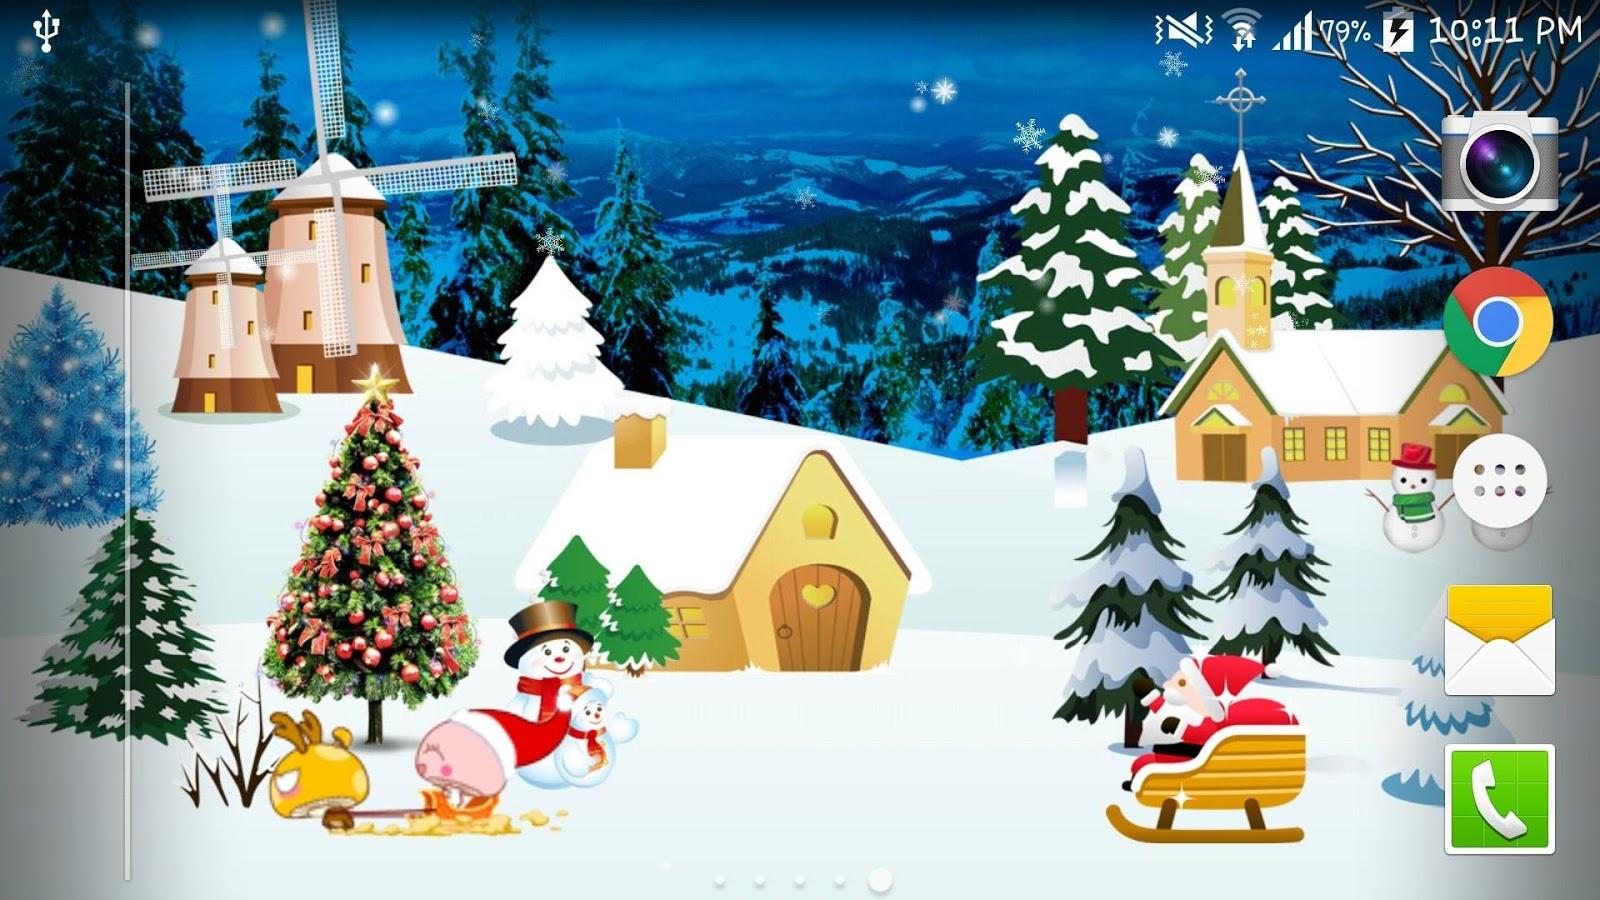 Collection Image Wallpaper Gambar 3d Tema Natal